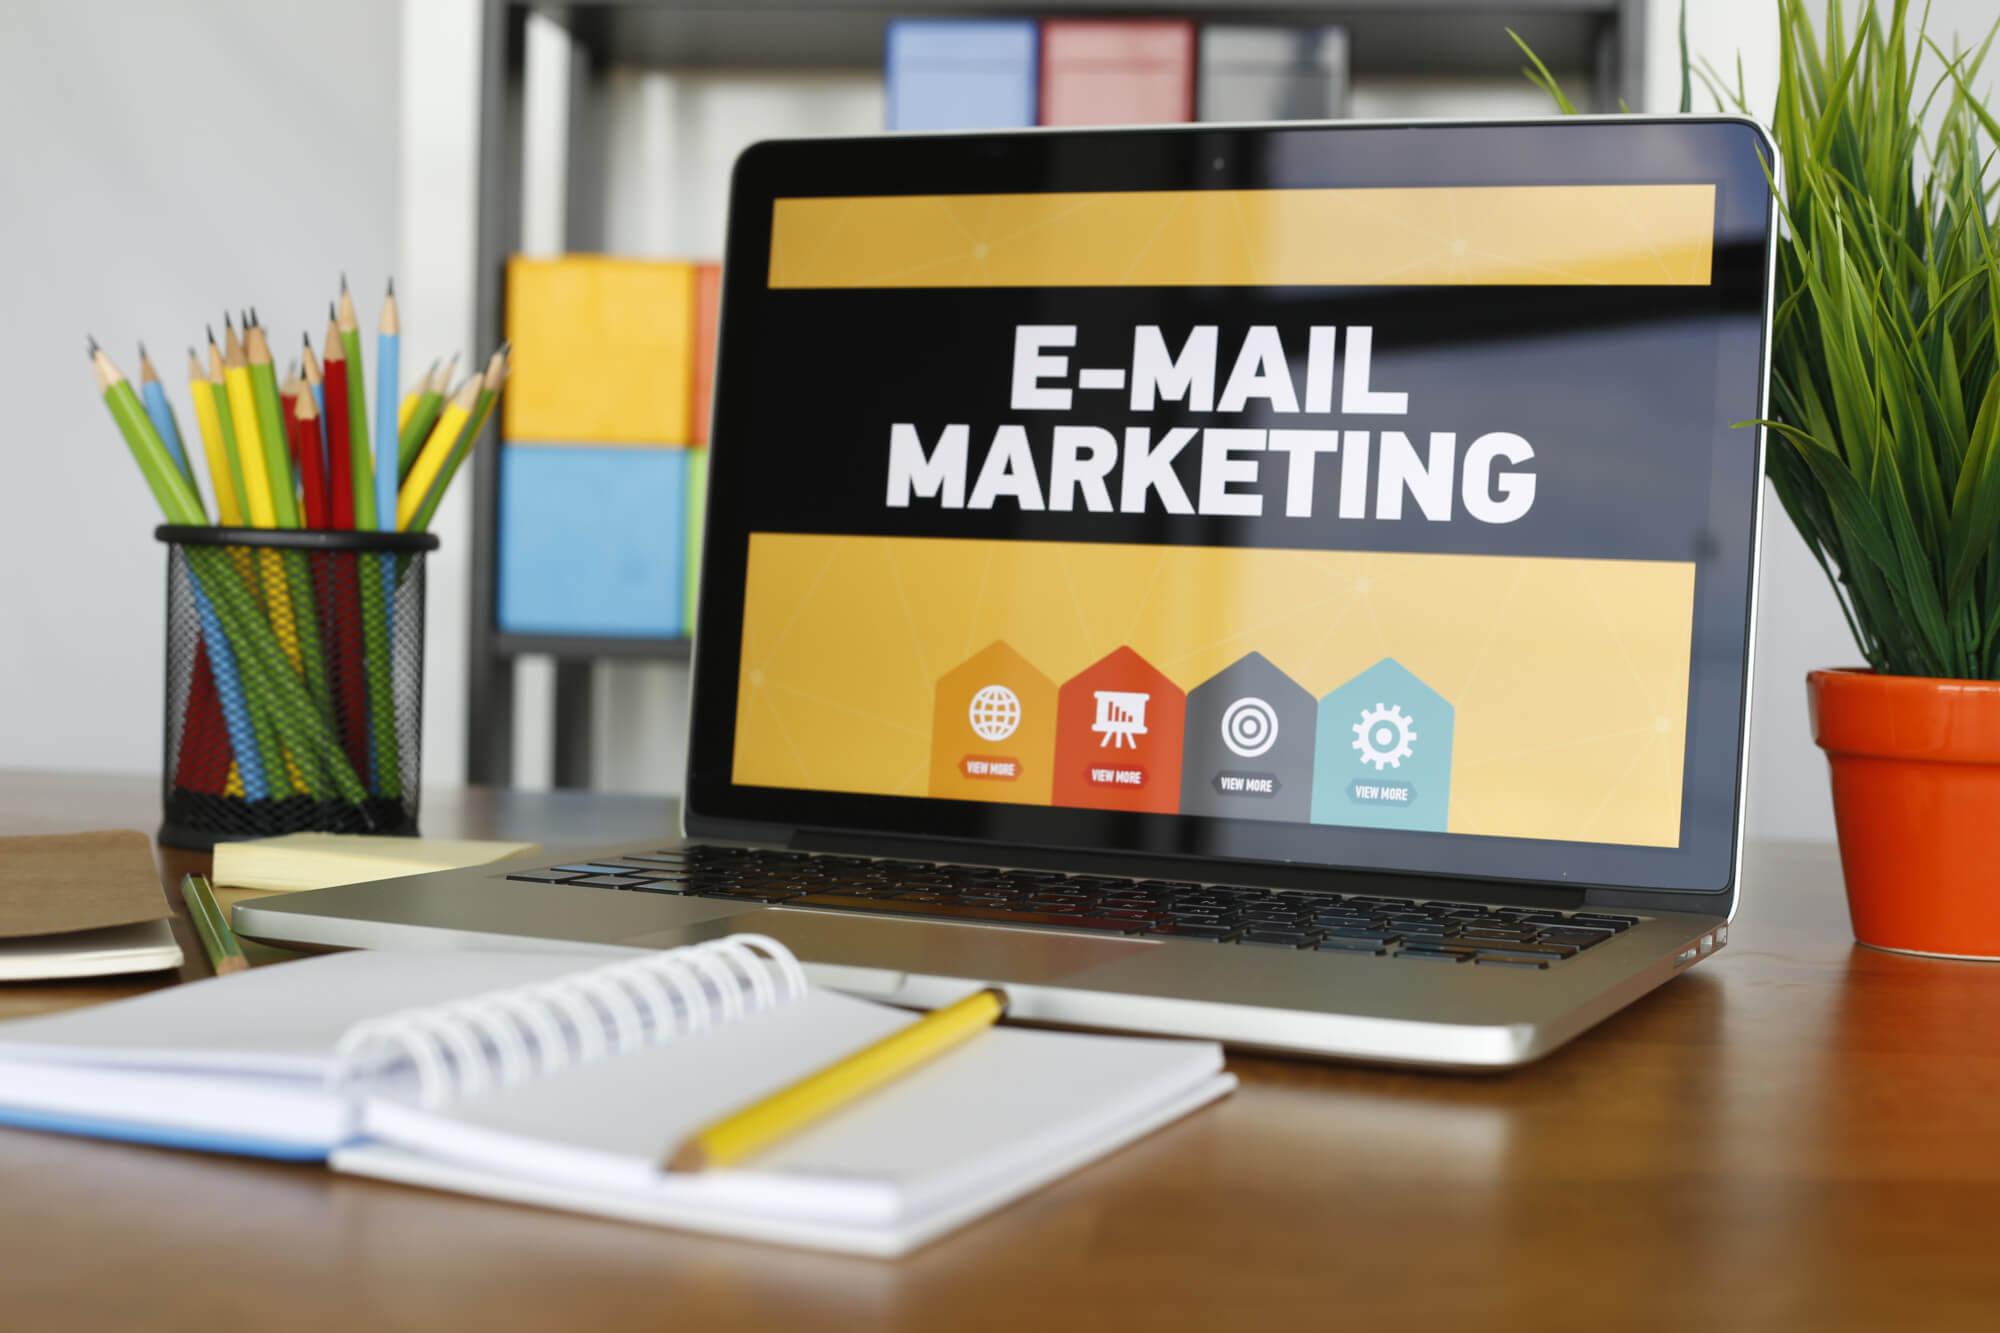 ایمیل مارکتینگ، از انواع دیجیتال مارکتینگ